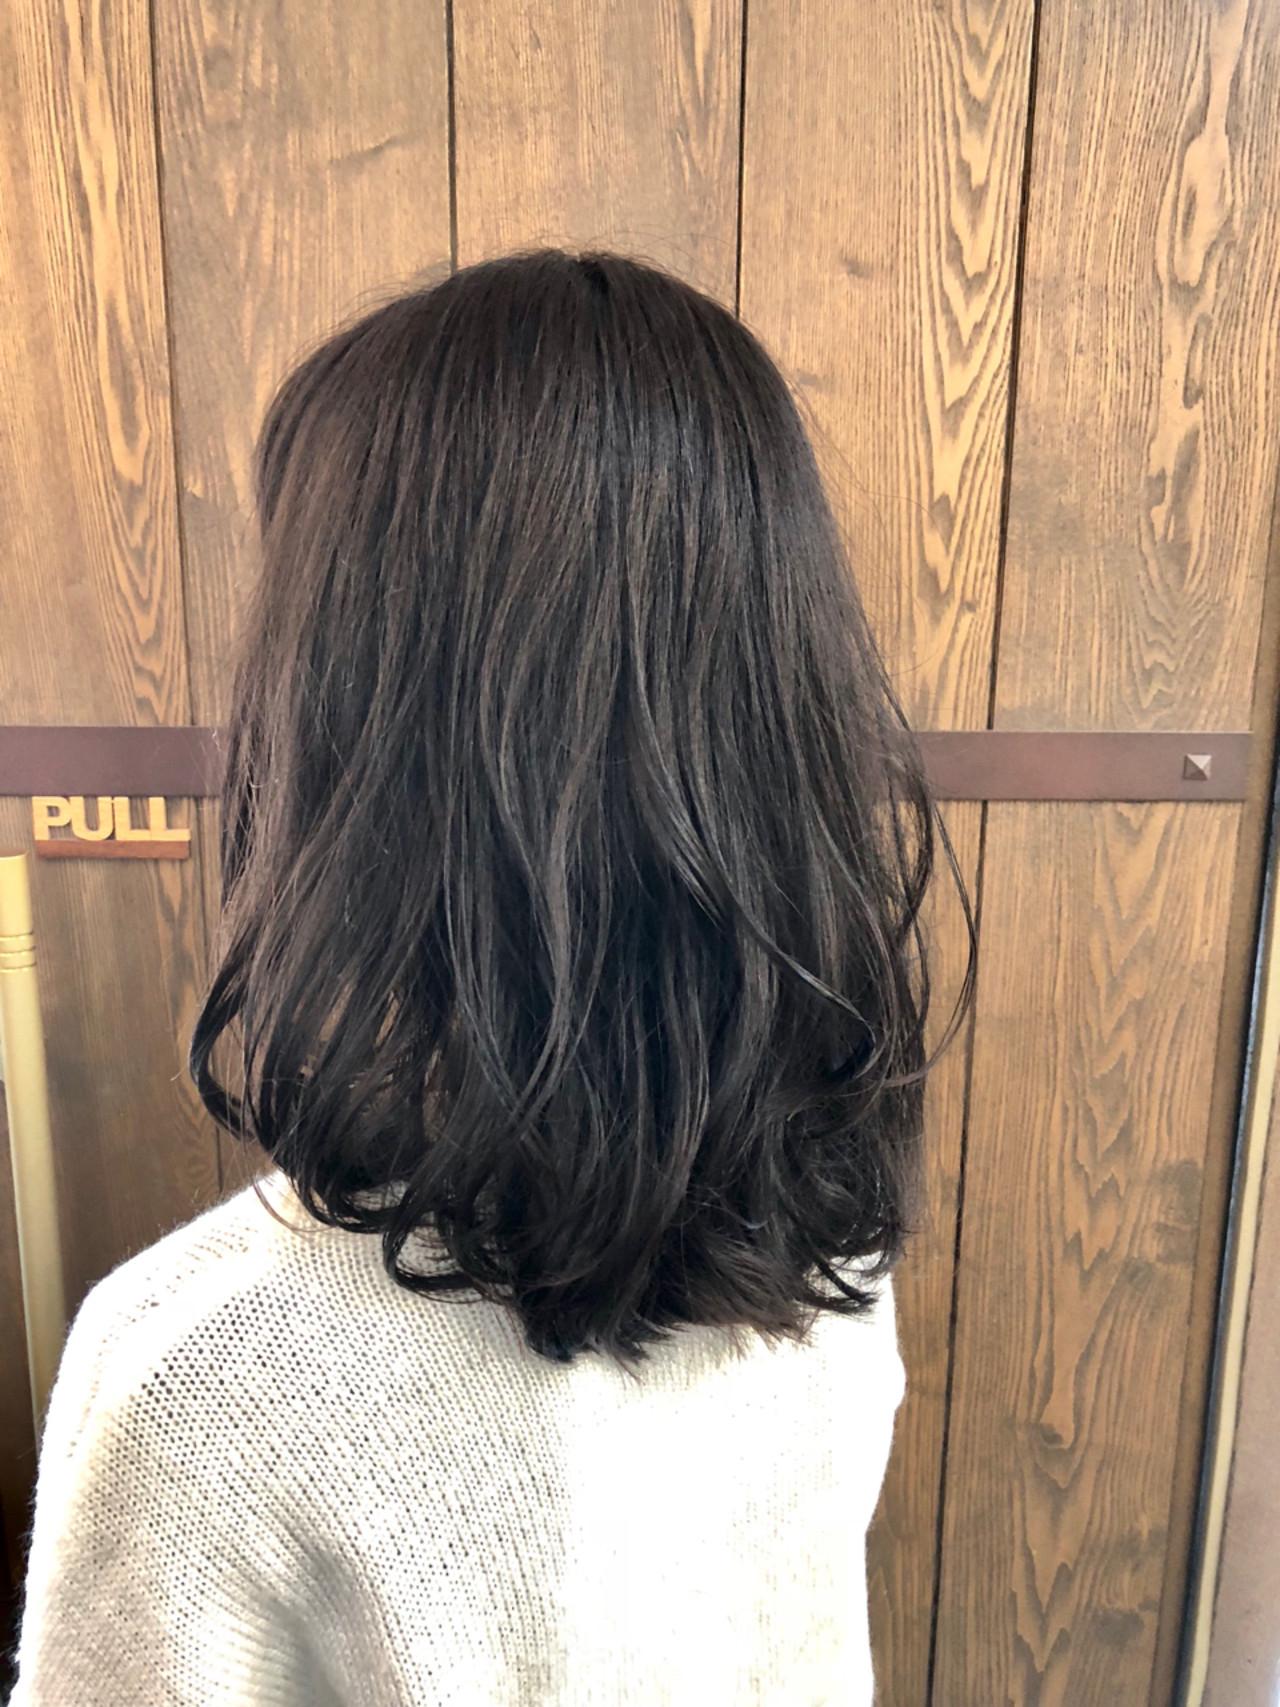 ミディアム ナチュラル 春 暗髪ヘアスタイルや髪型の写真・画像